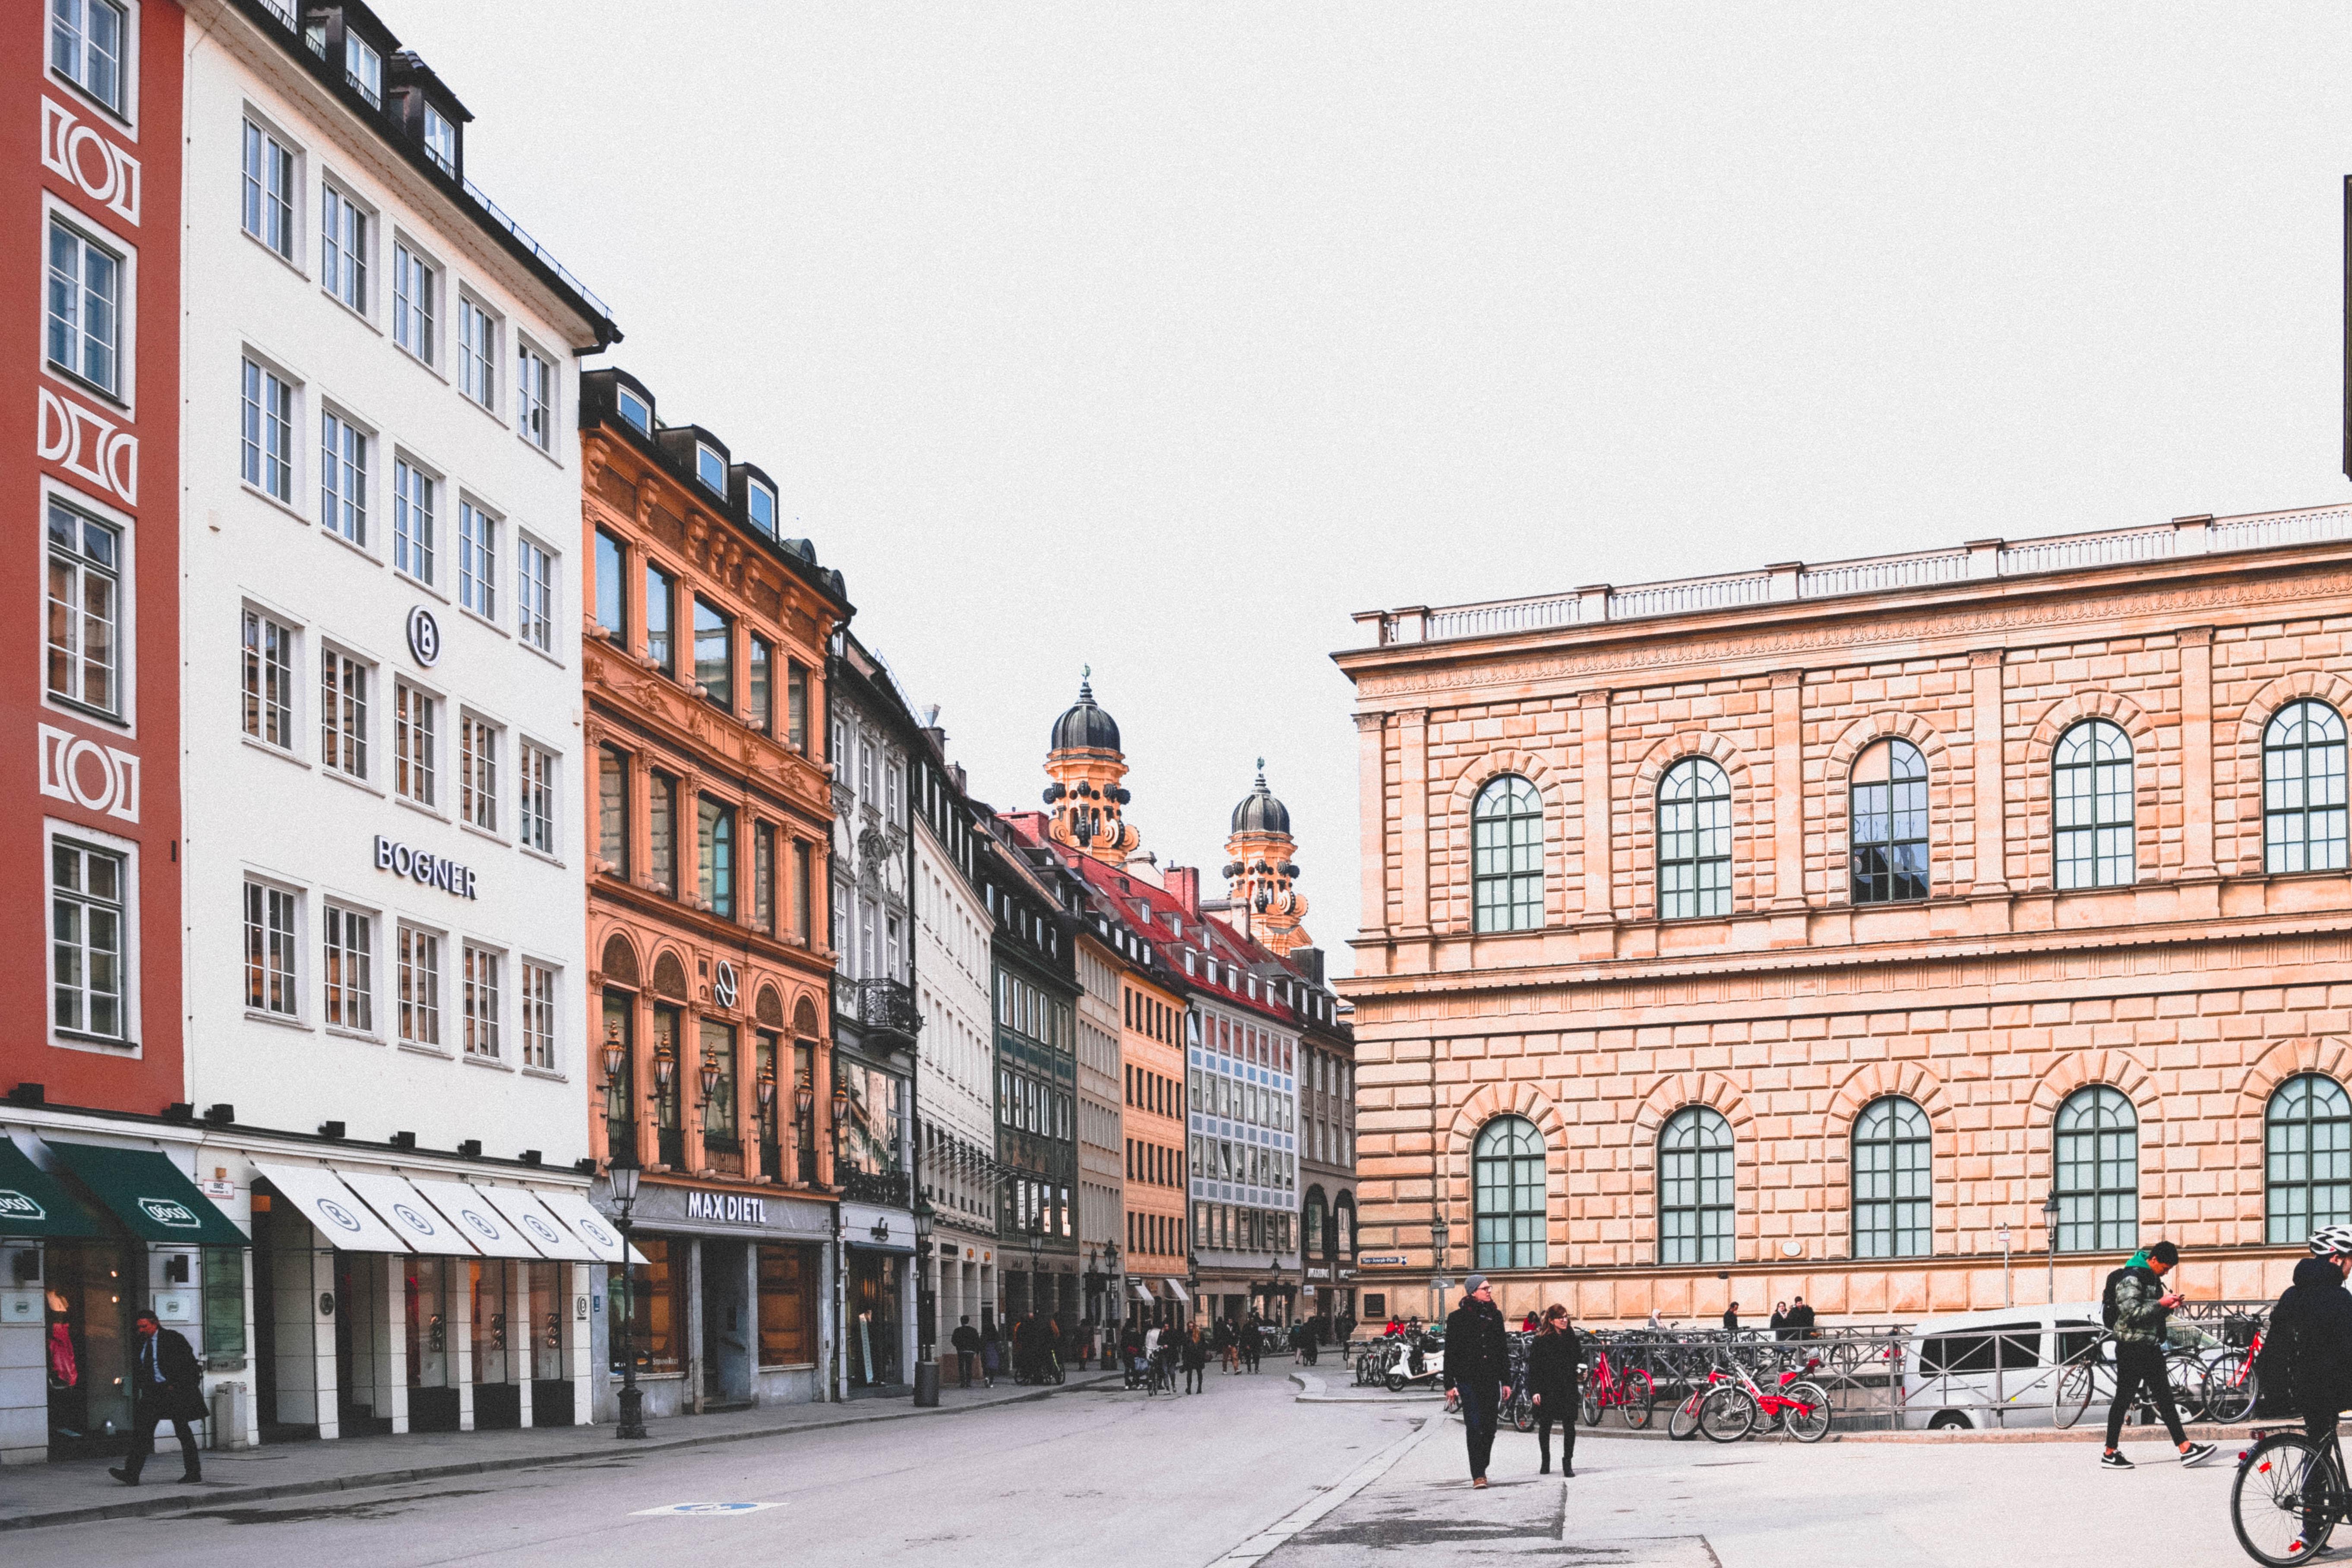 Lohnt sich das Immobilieninvestment in München?